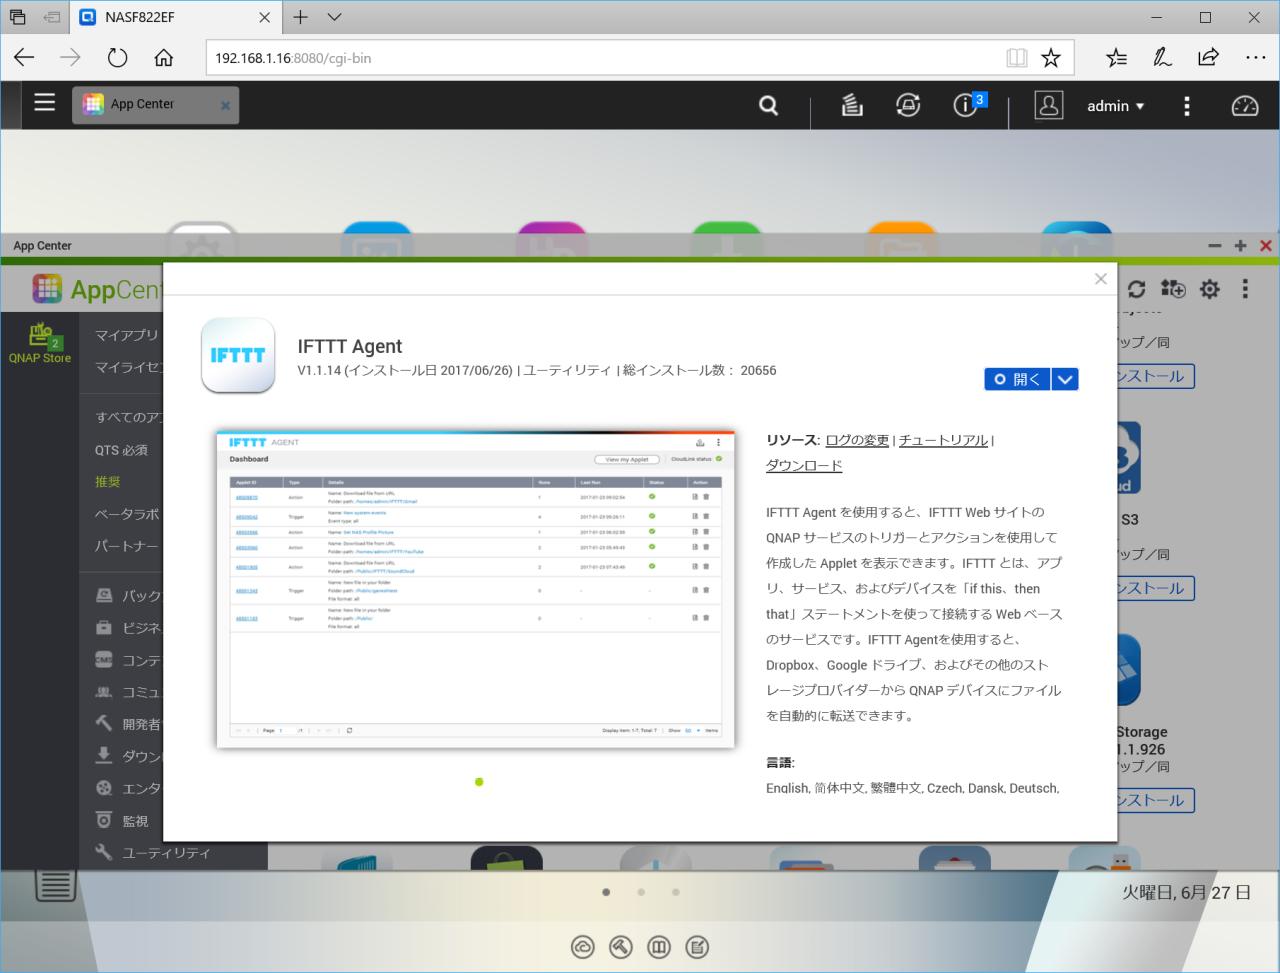 「IFTTT Agent」ではバックアップに加え、通知や音楽再生も自動化できる